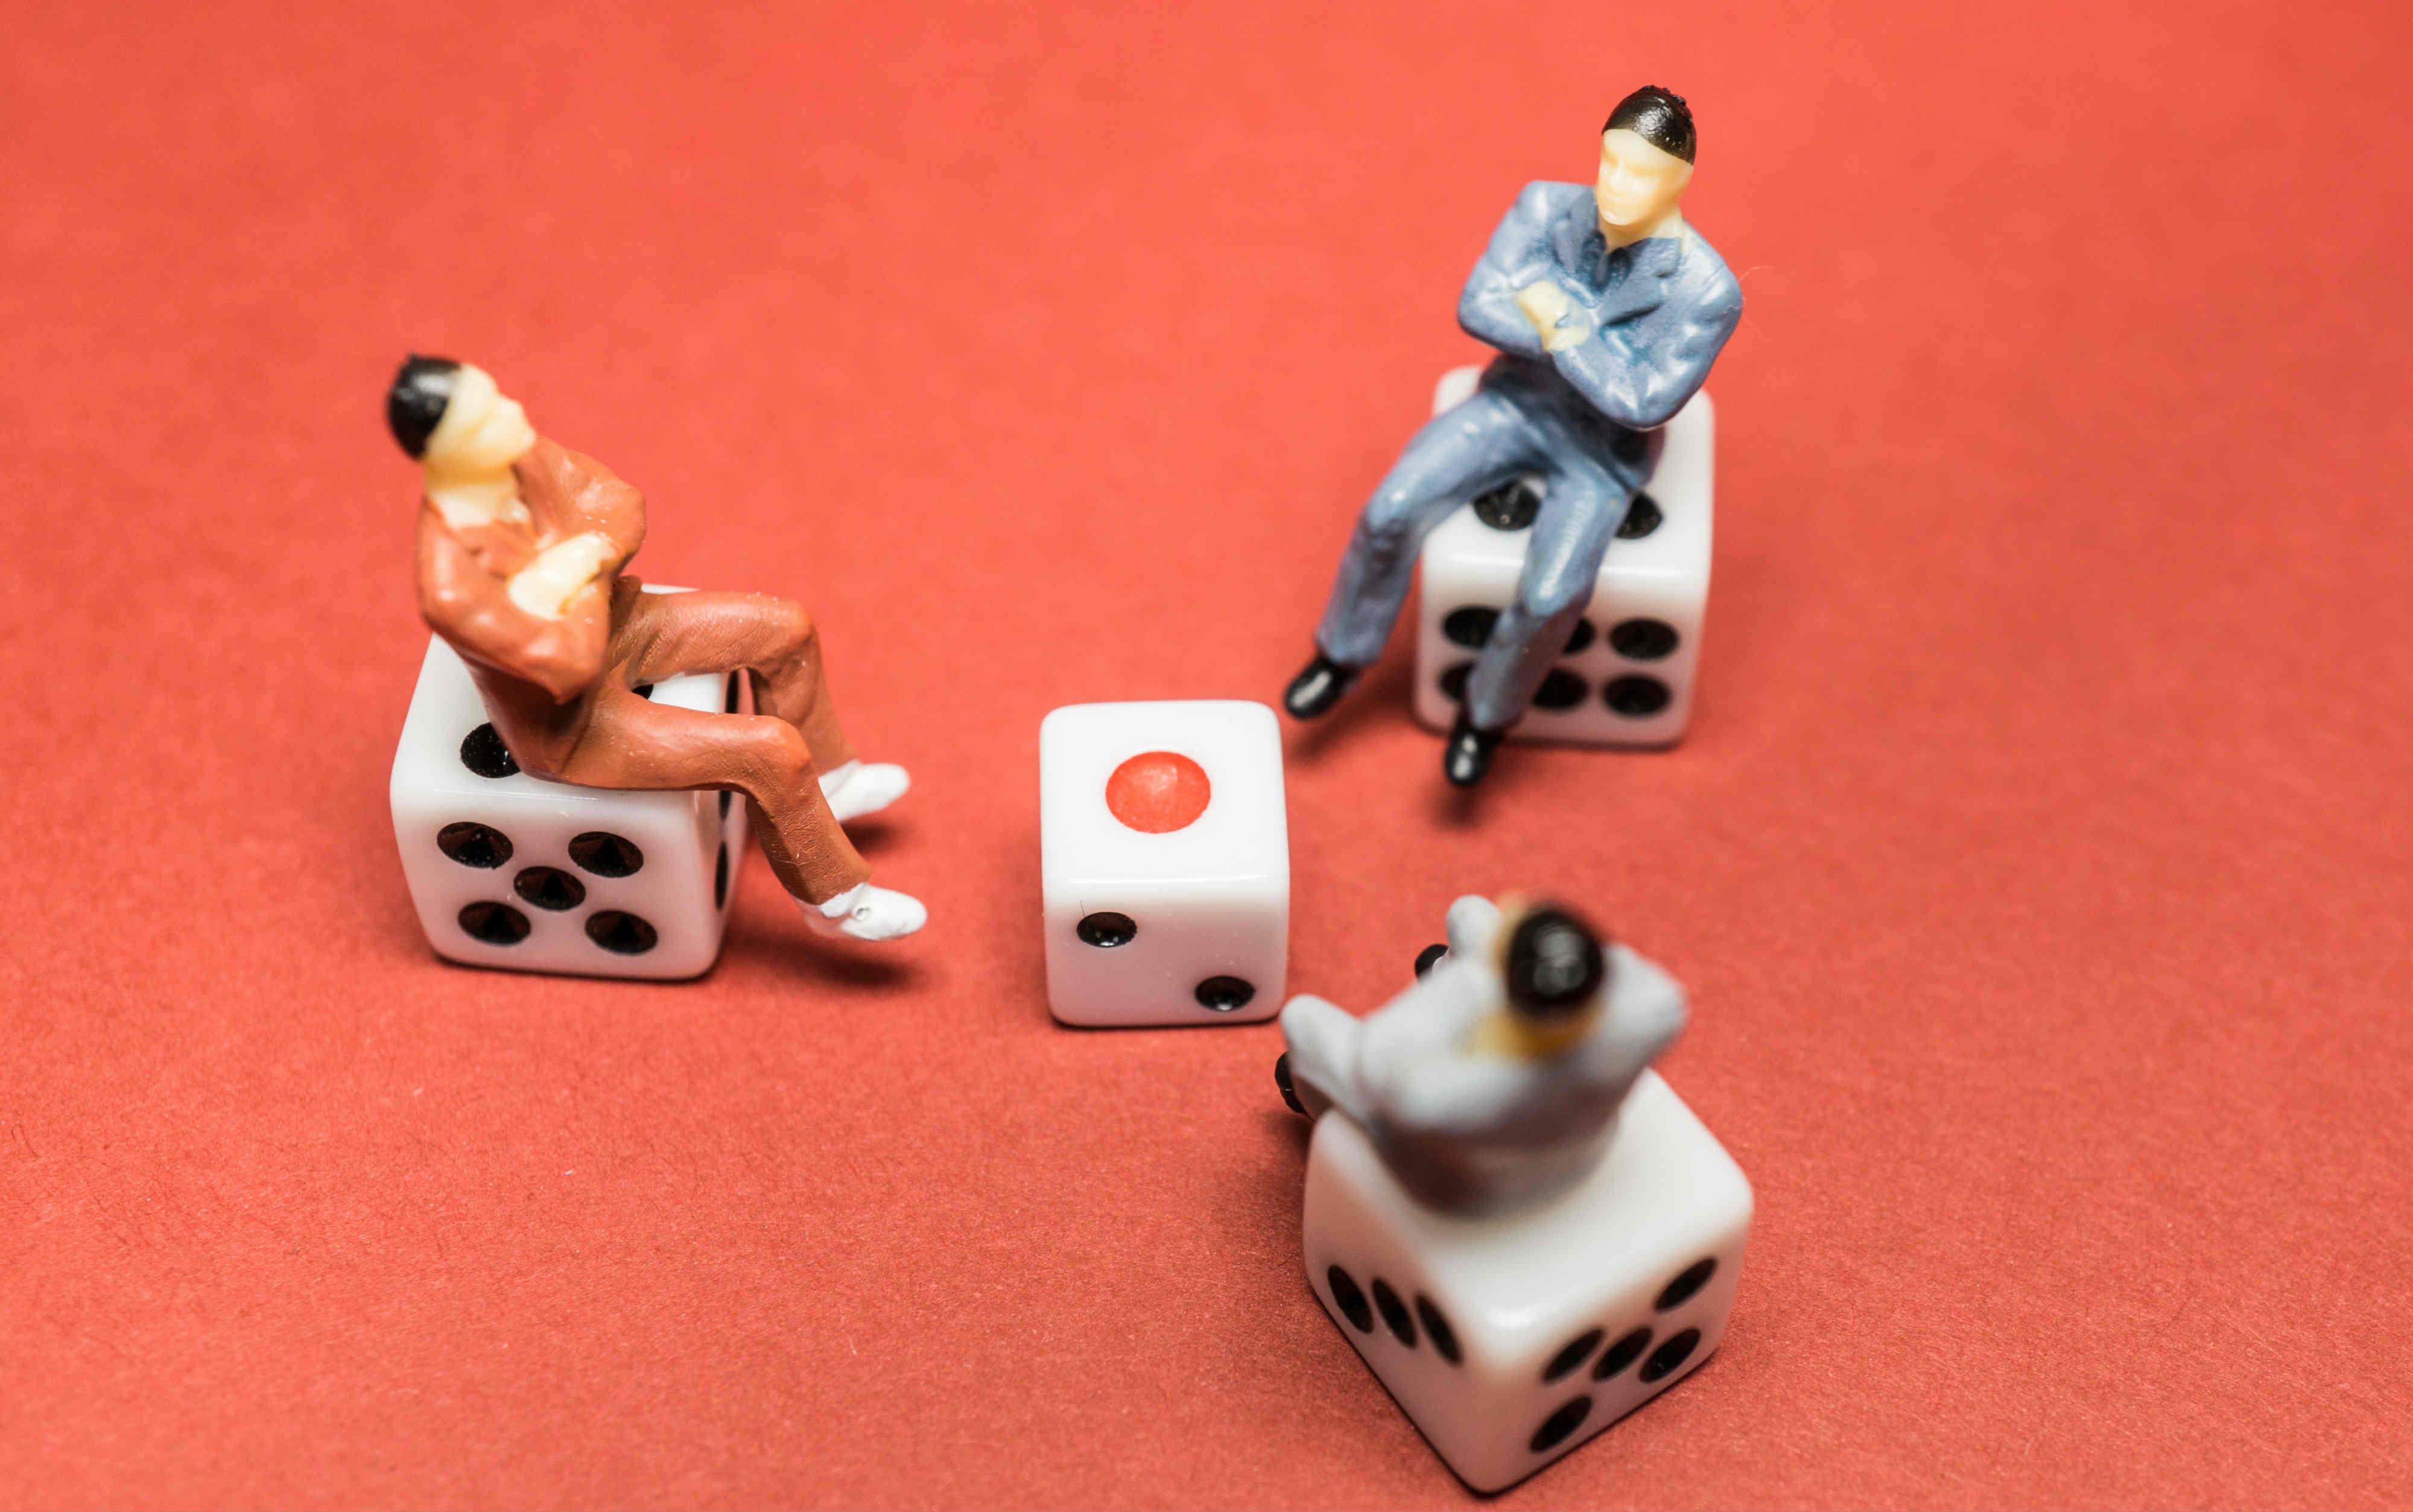 〈auから他社に・他社からauに〉乗り換え(MNP)する方法を簡単解説